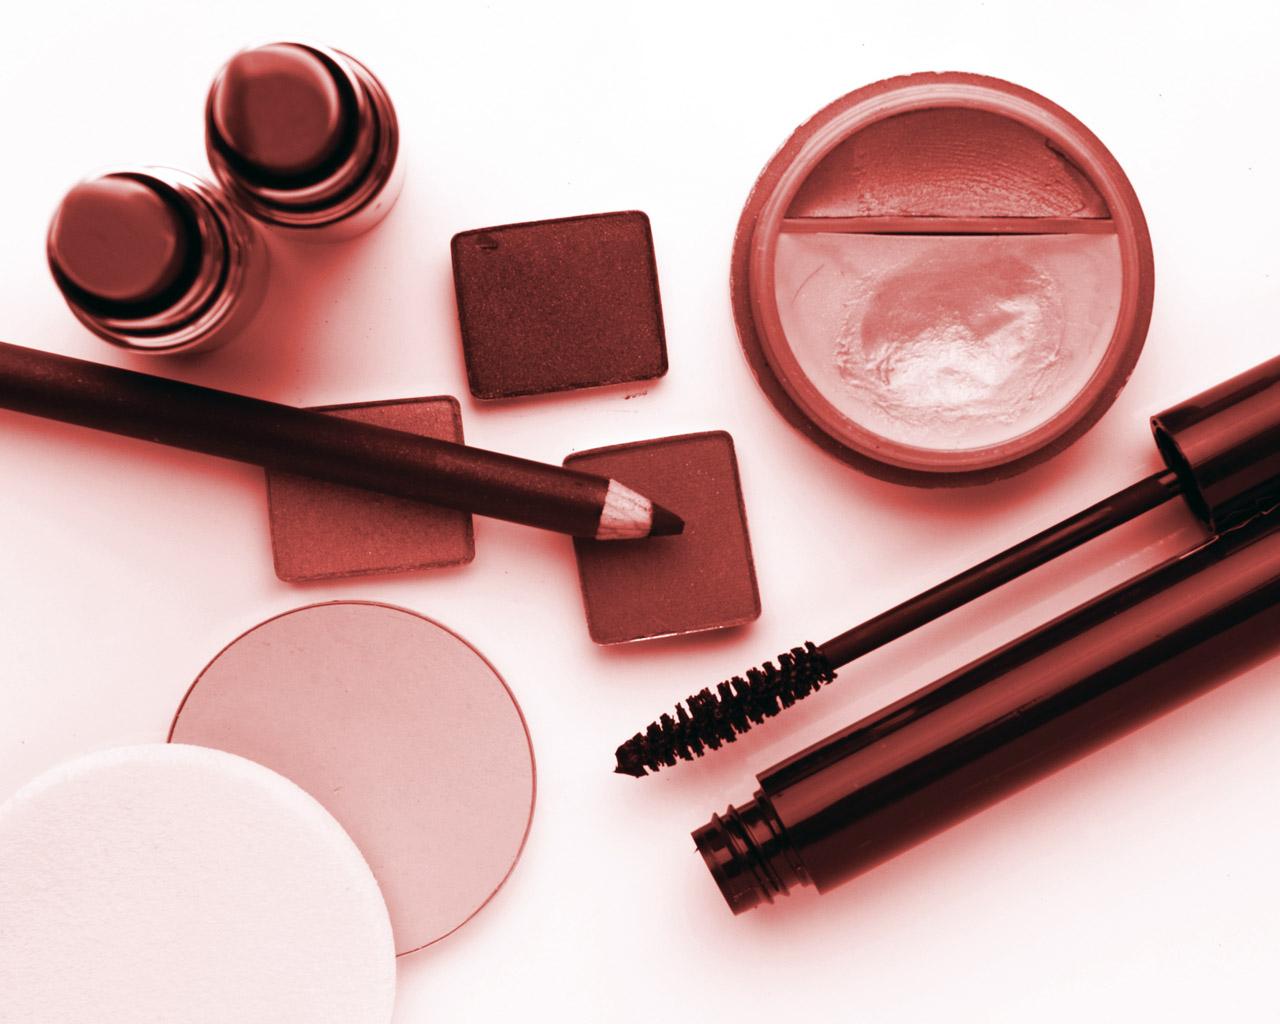 化妆品类电商排名情况揭晓